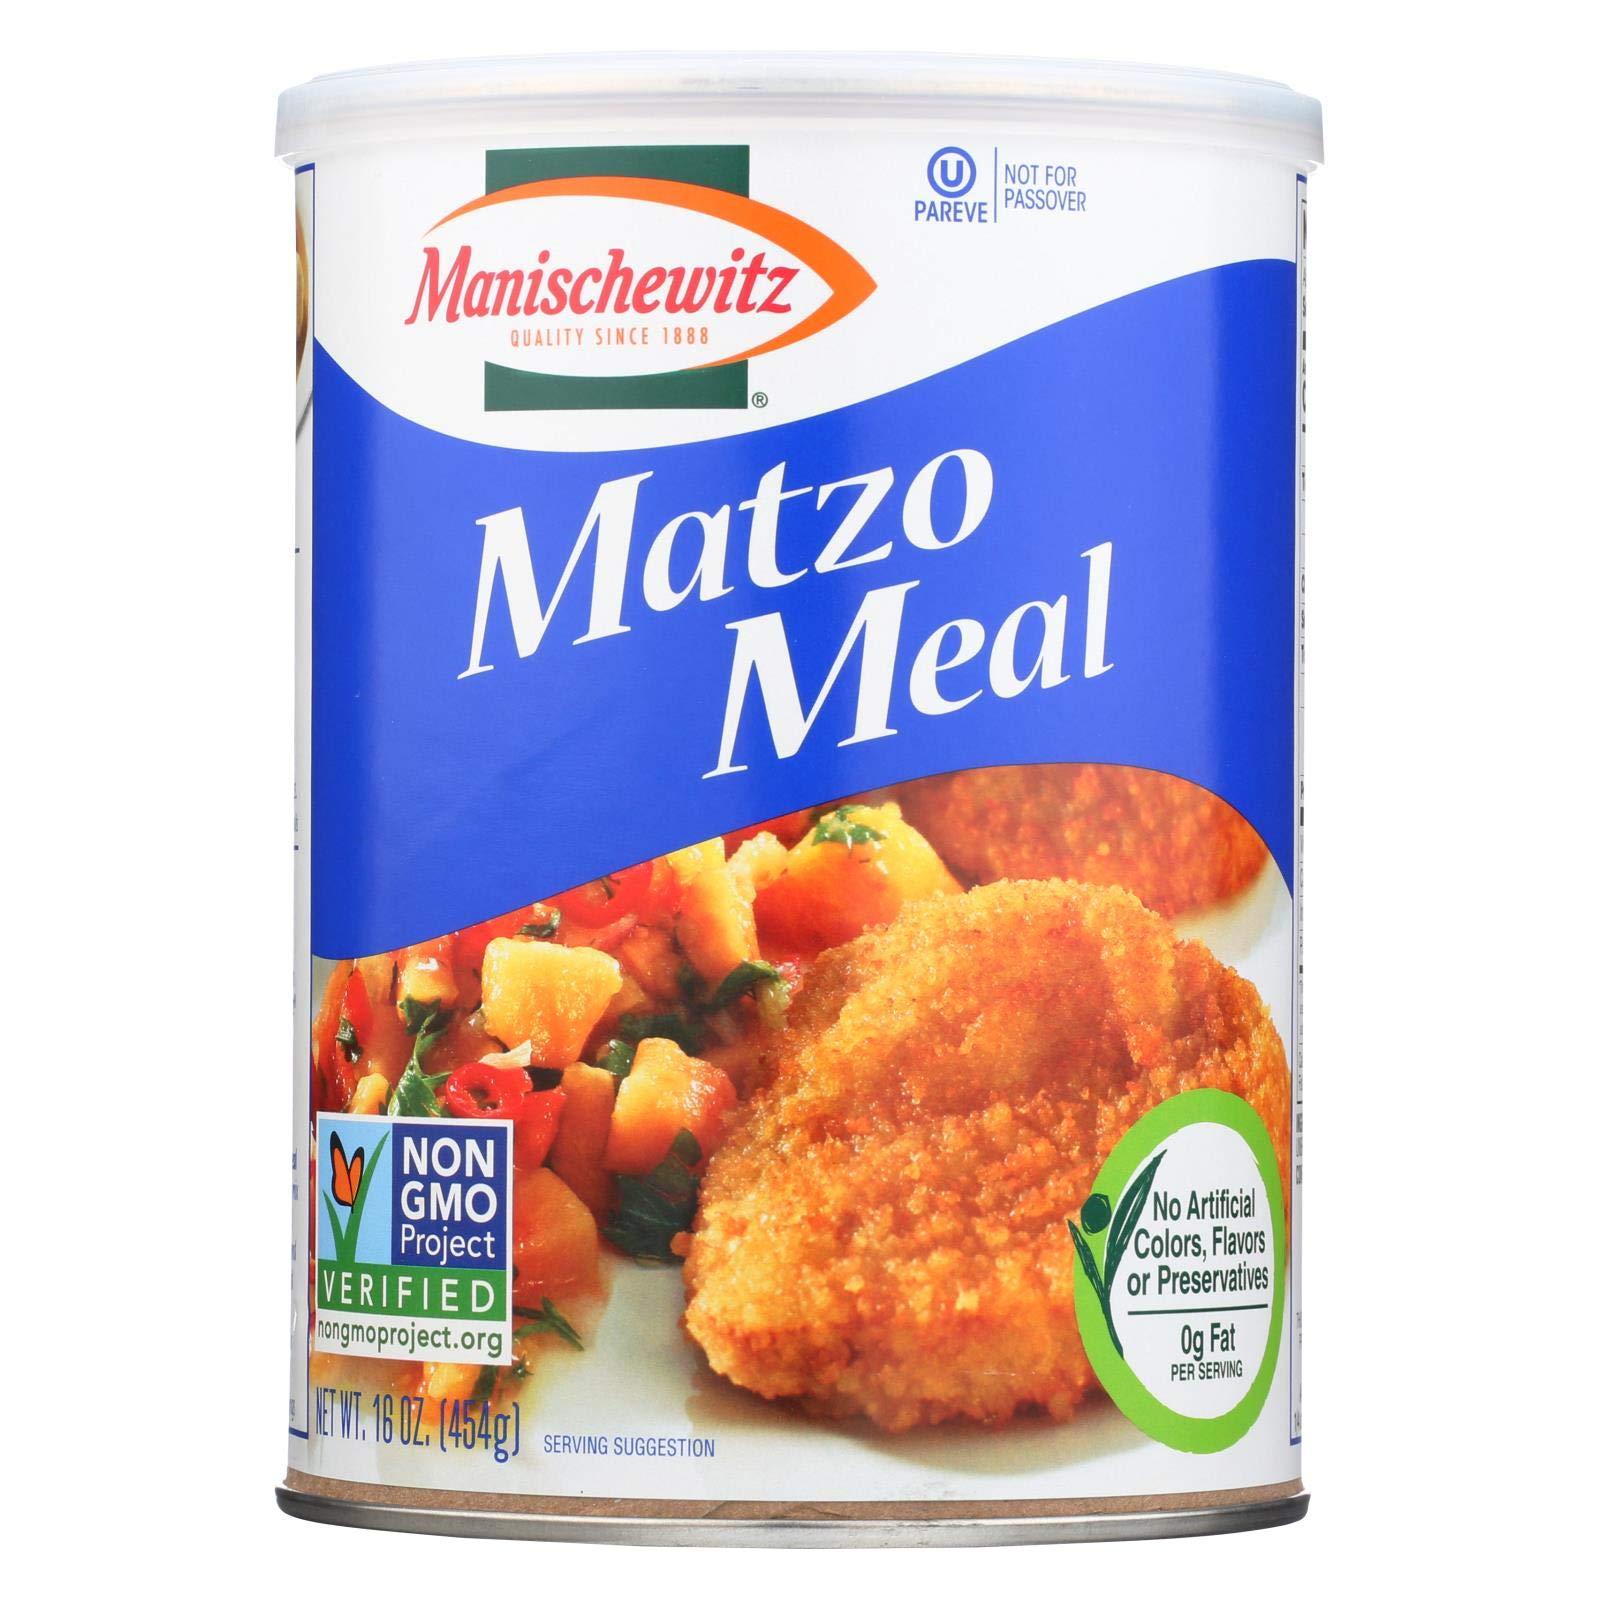 Manischewitz Matzo Meal Unsalted (12x16oz )